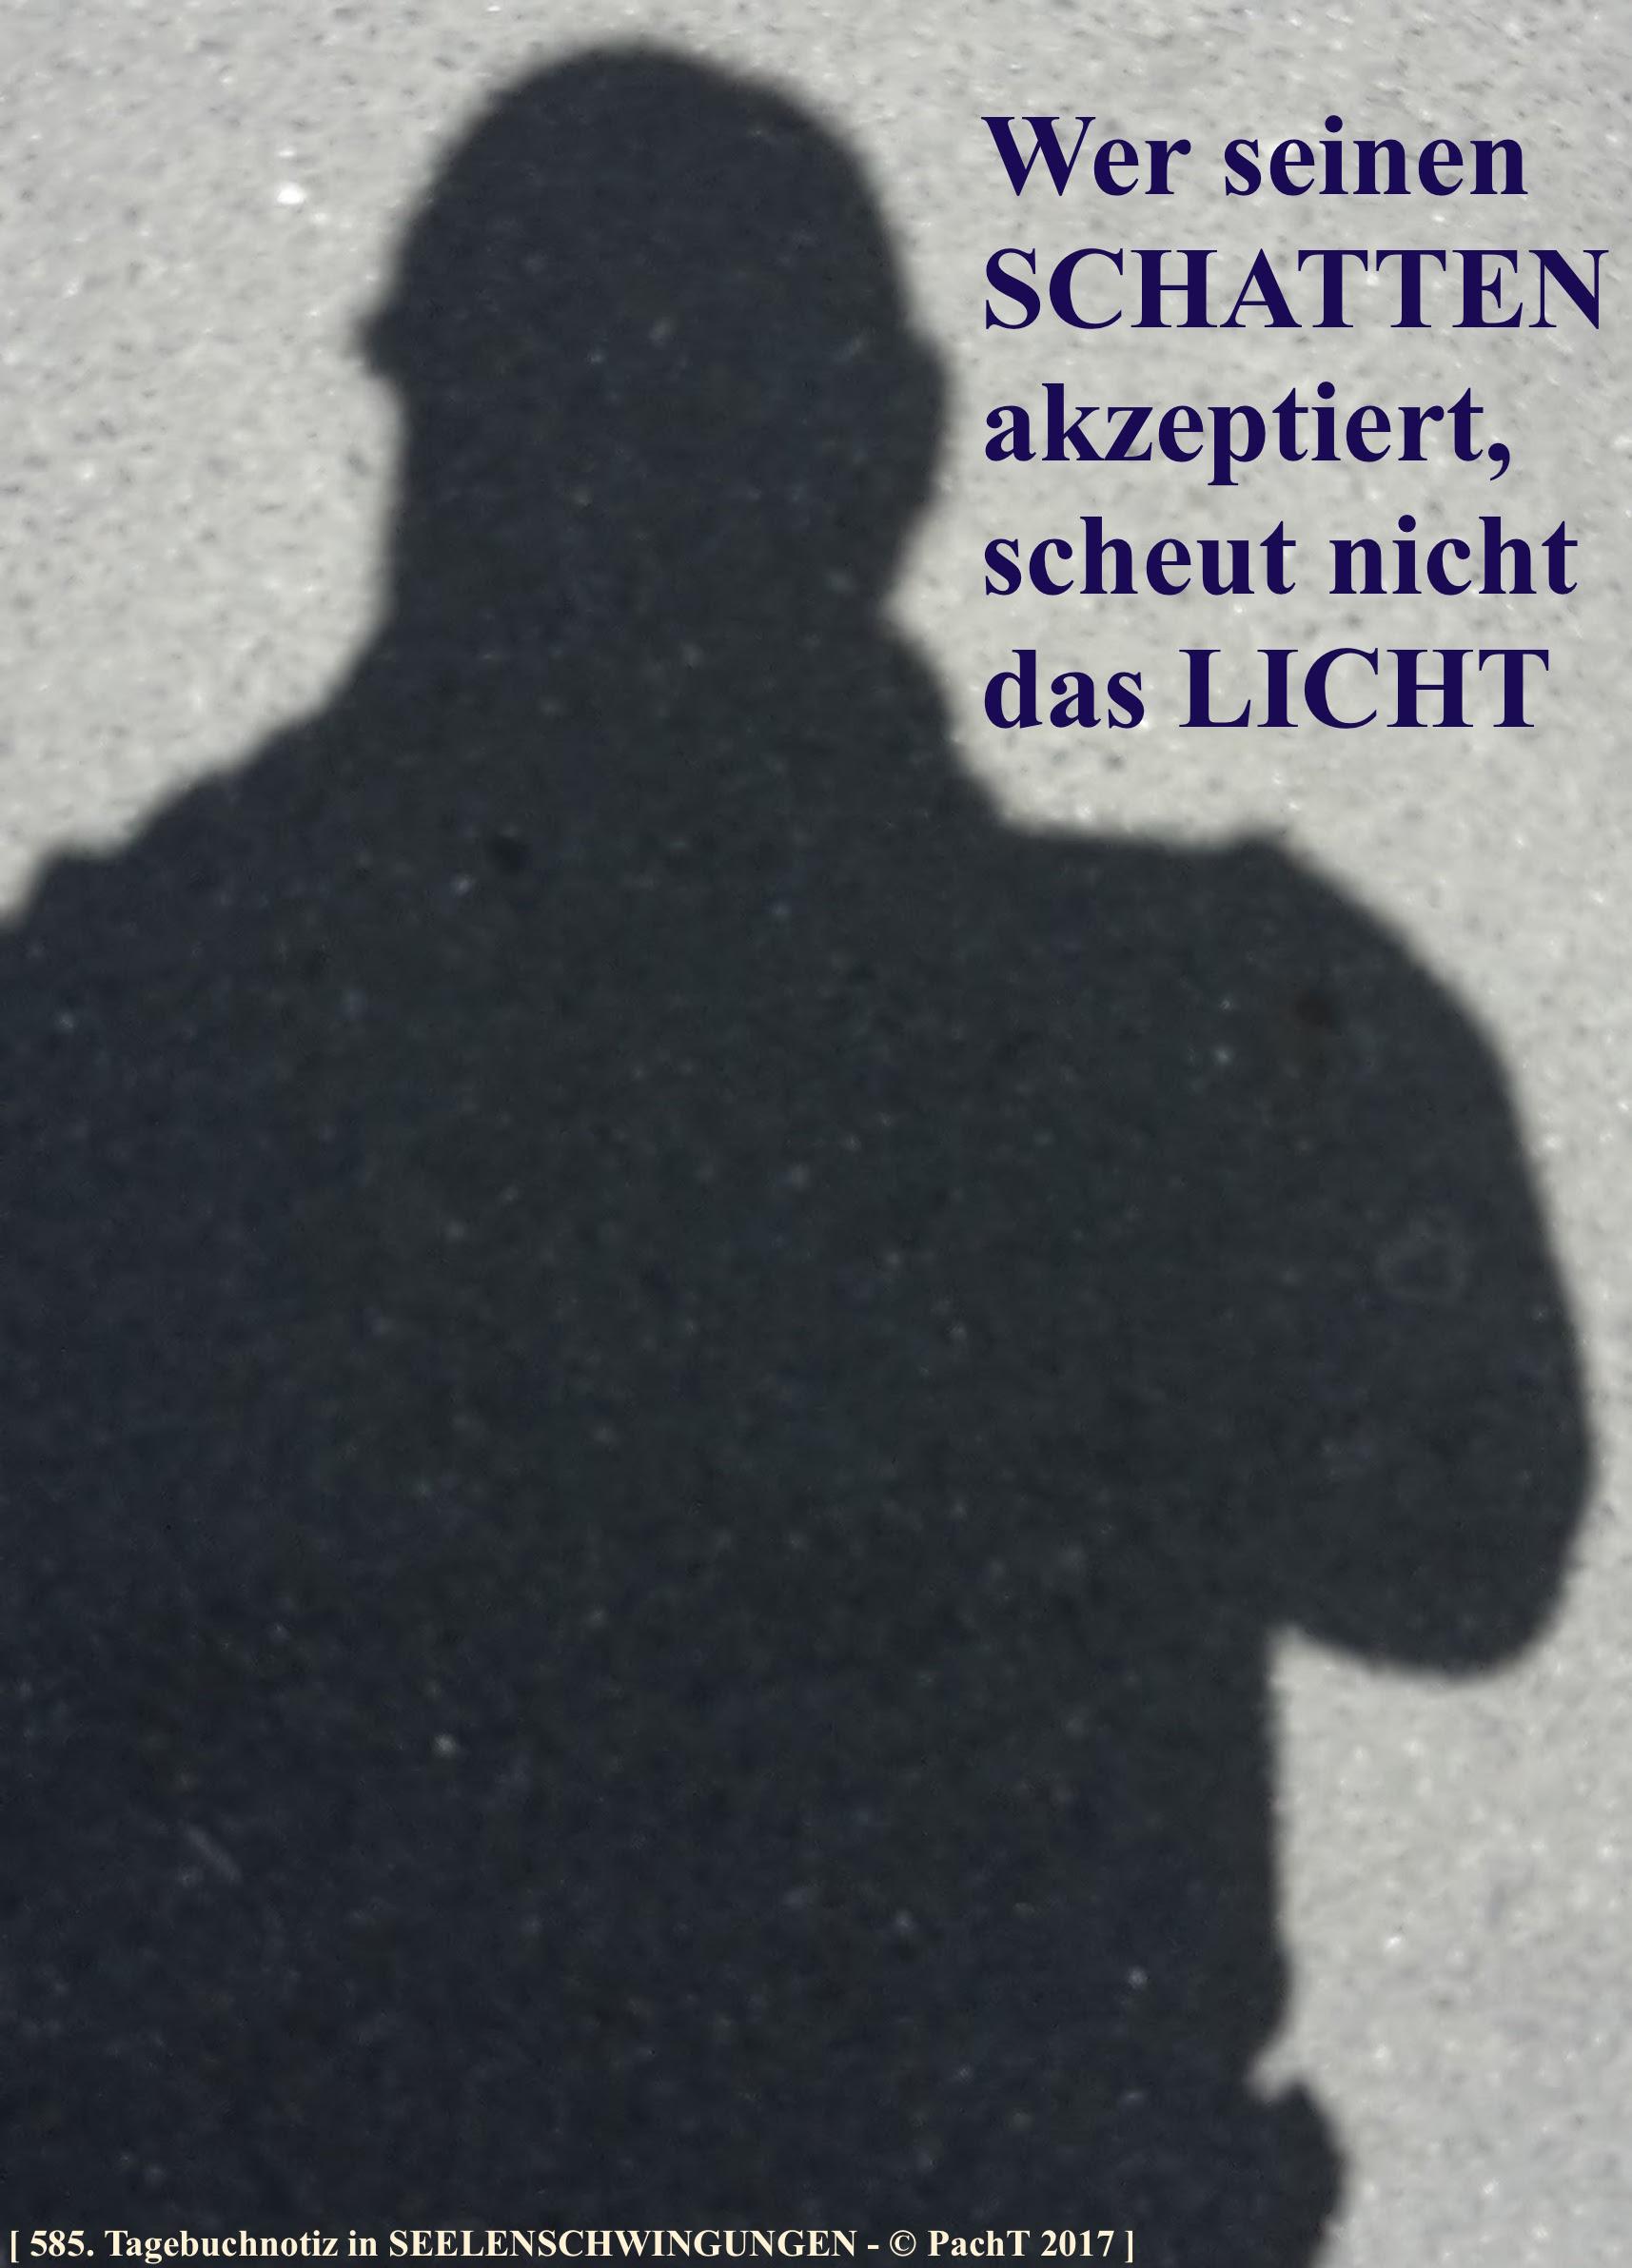 SSW585.Gedanke_LichtSchatten